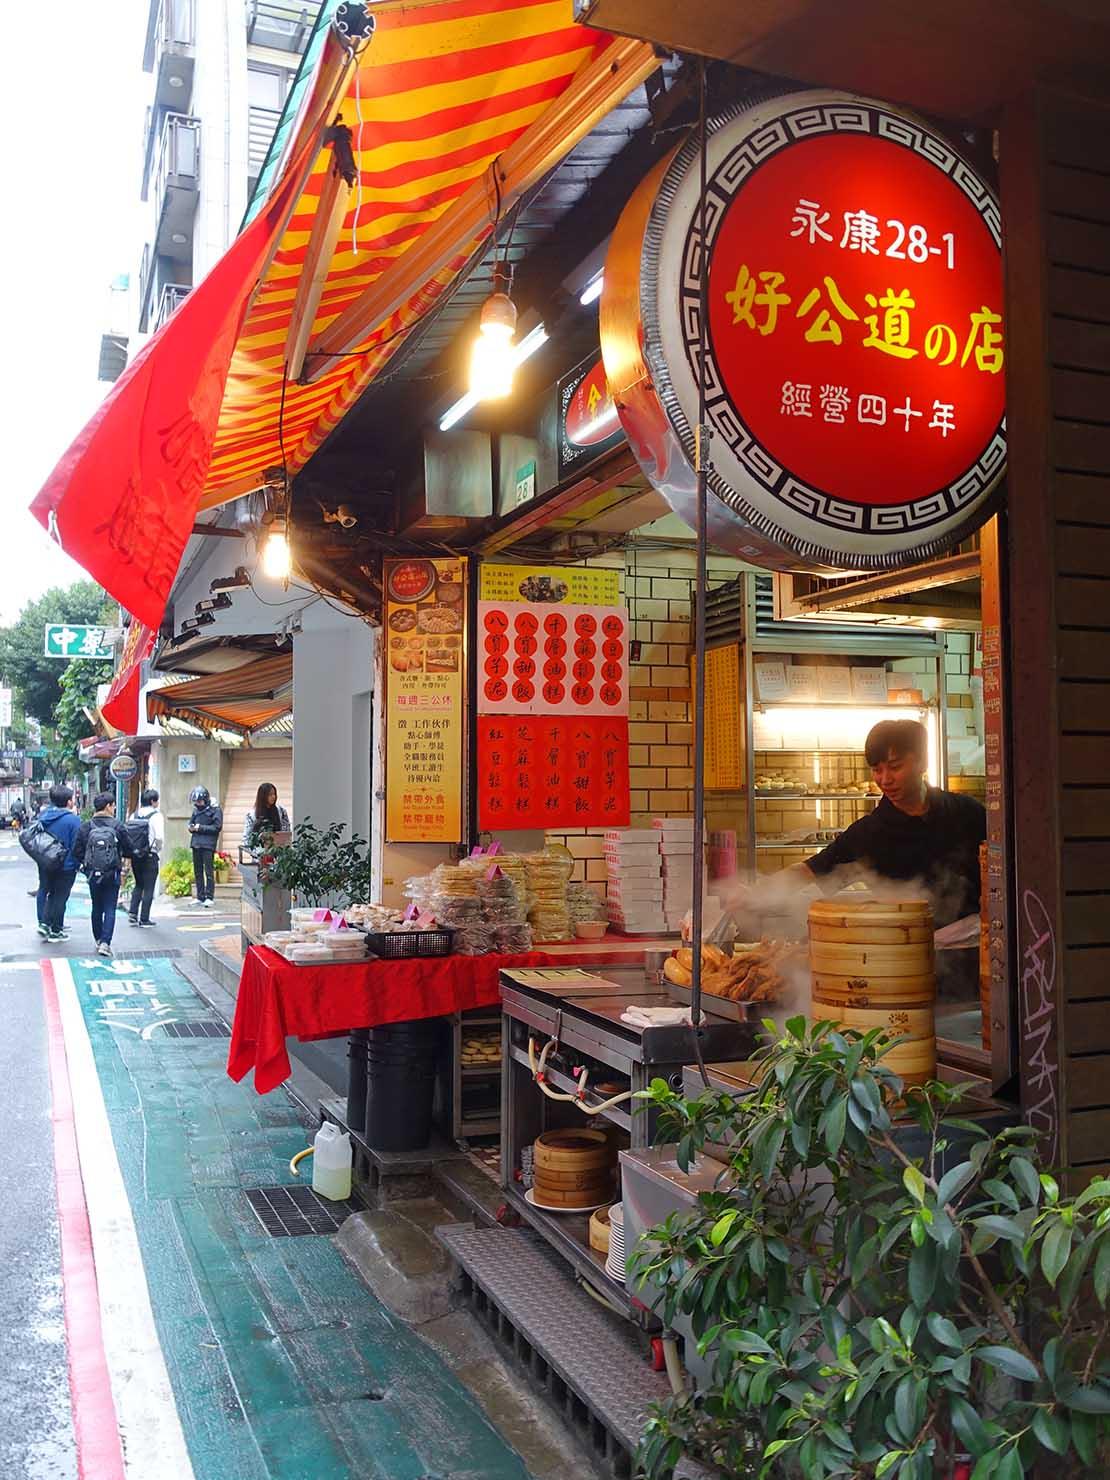 台北・永康街のおすすめグルメ店「好公道の店(原金雞園)」の外観